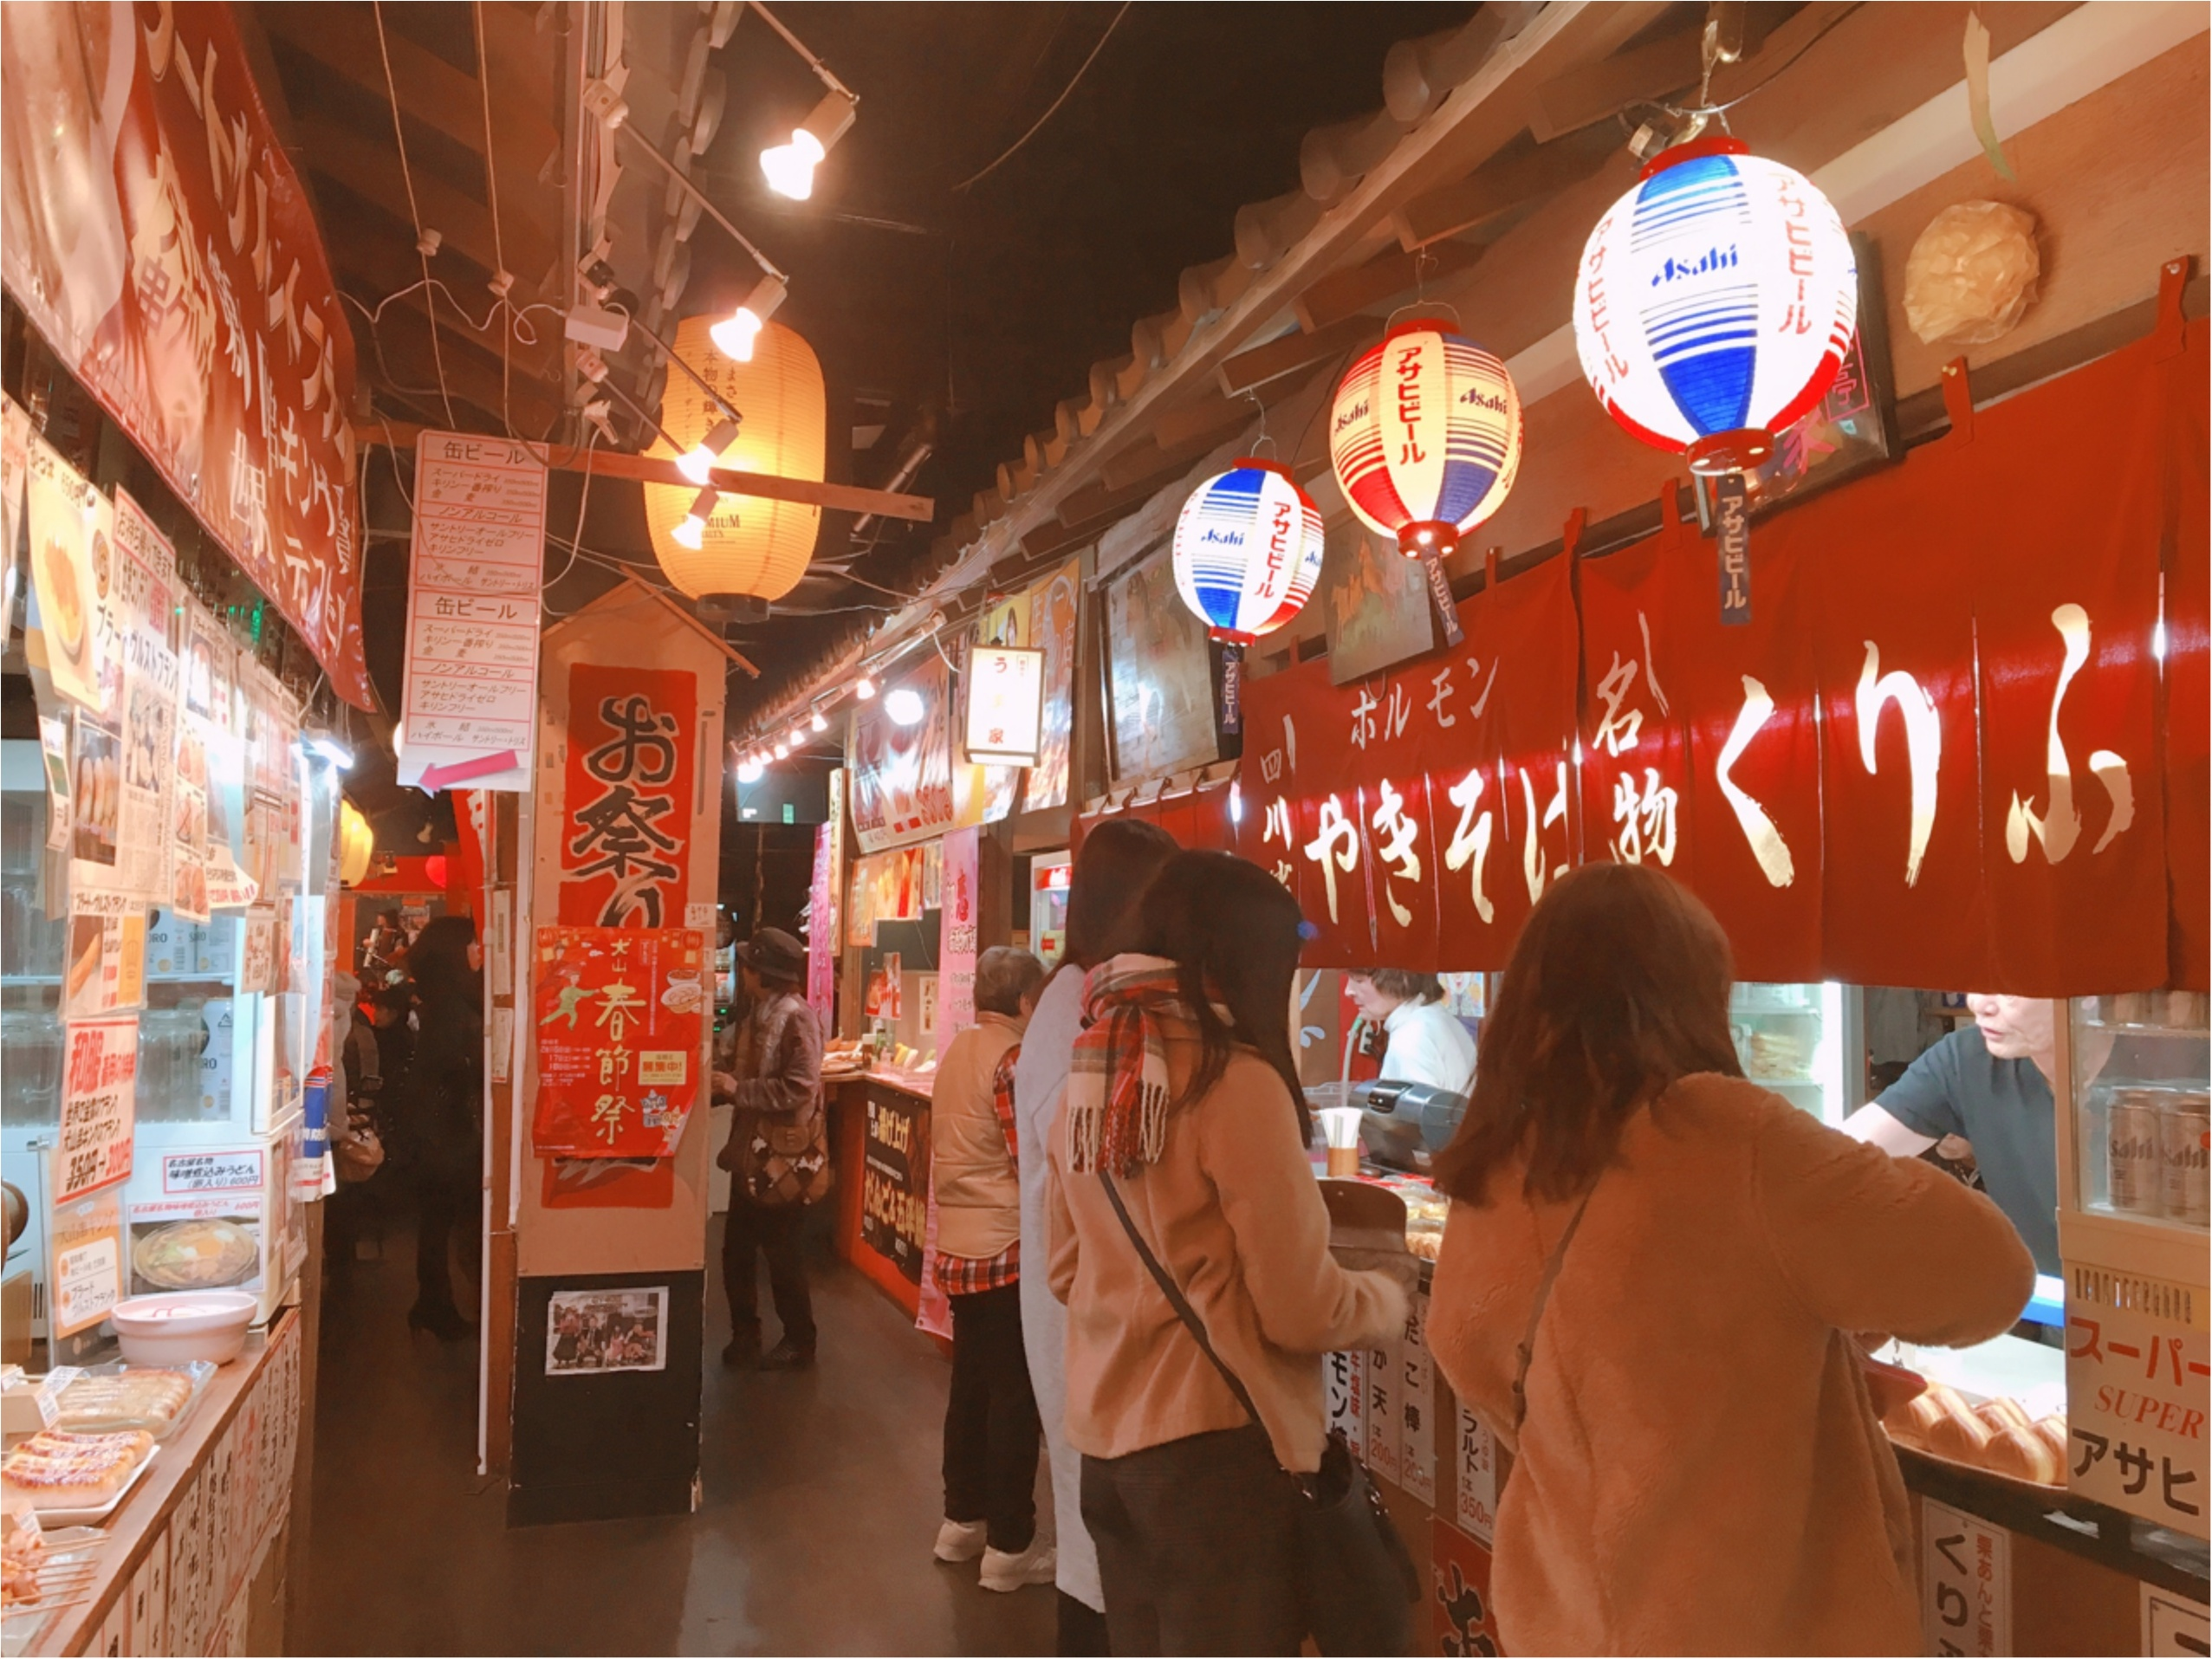 三光稲荷神社に行くなら!犬山城周辺オススメグルメスポットはココ♡_4